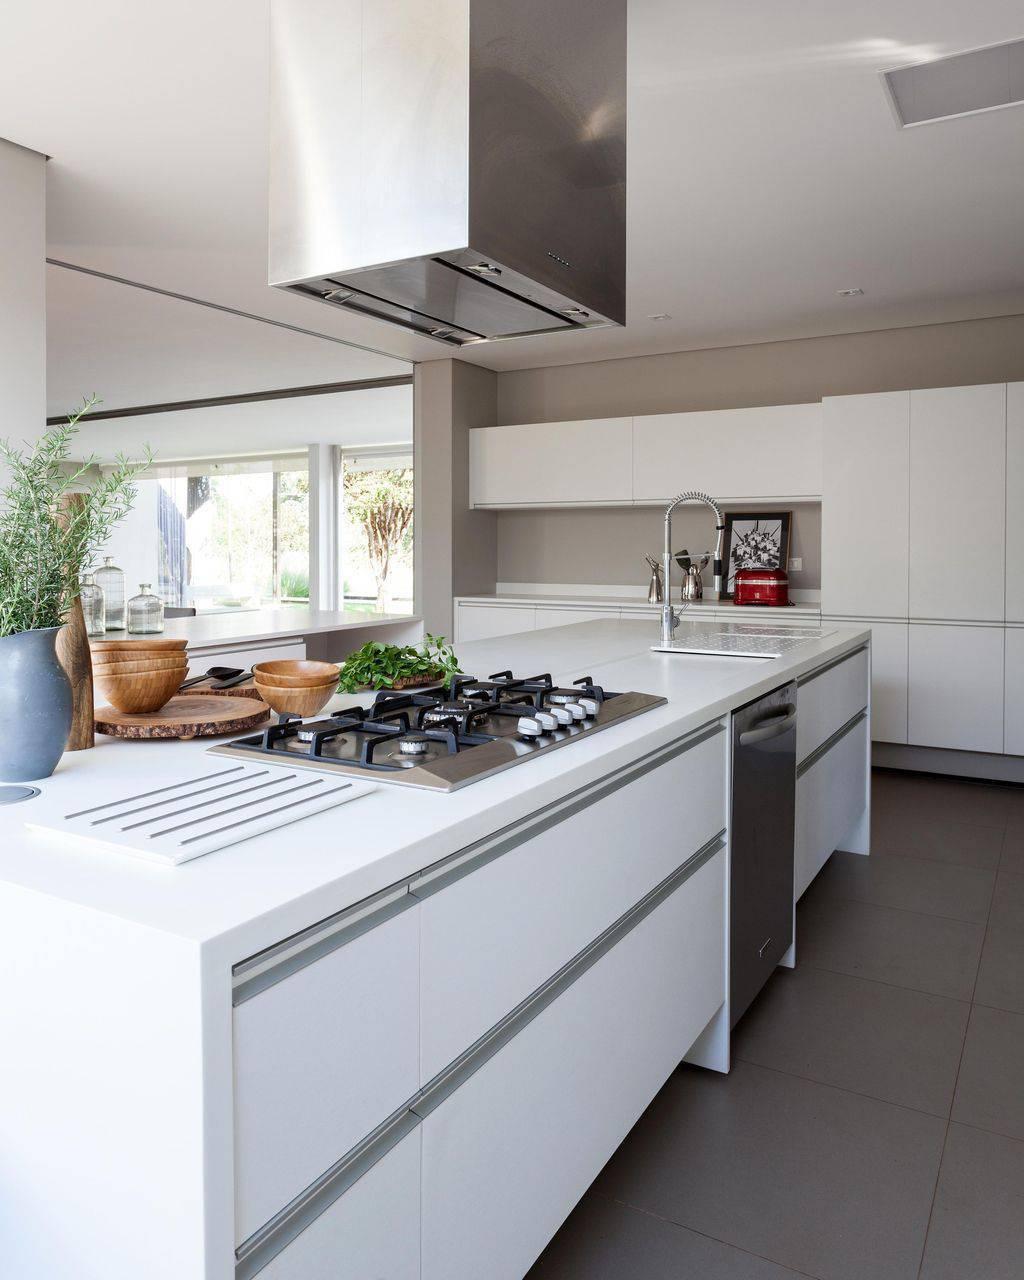 cozinha gourmet cooktop consuelo jorge 84786